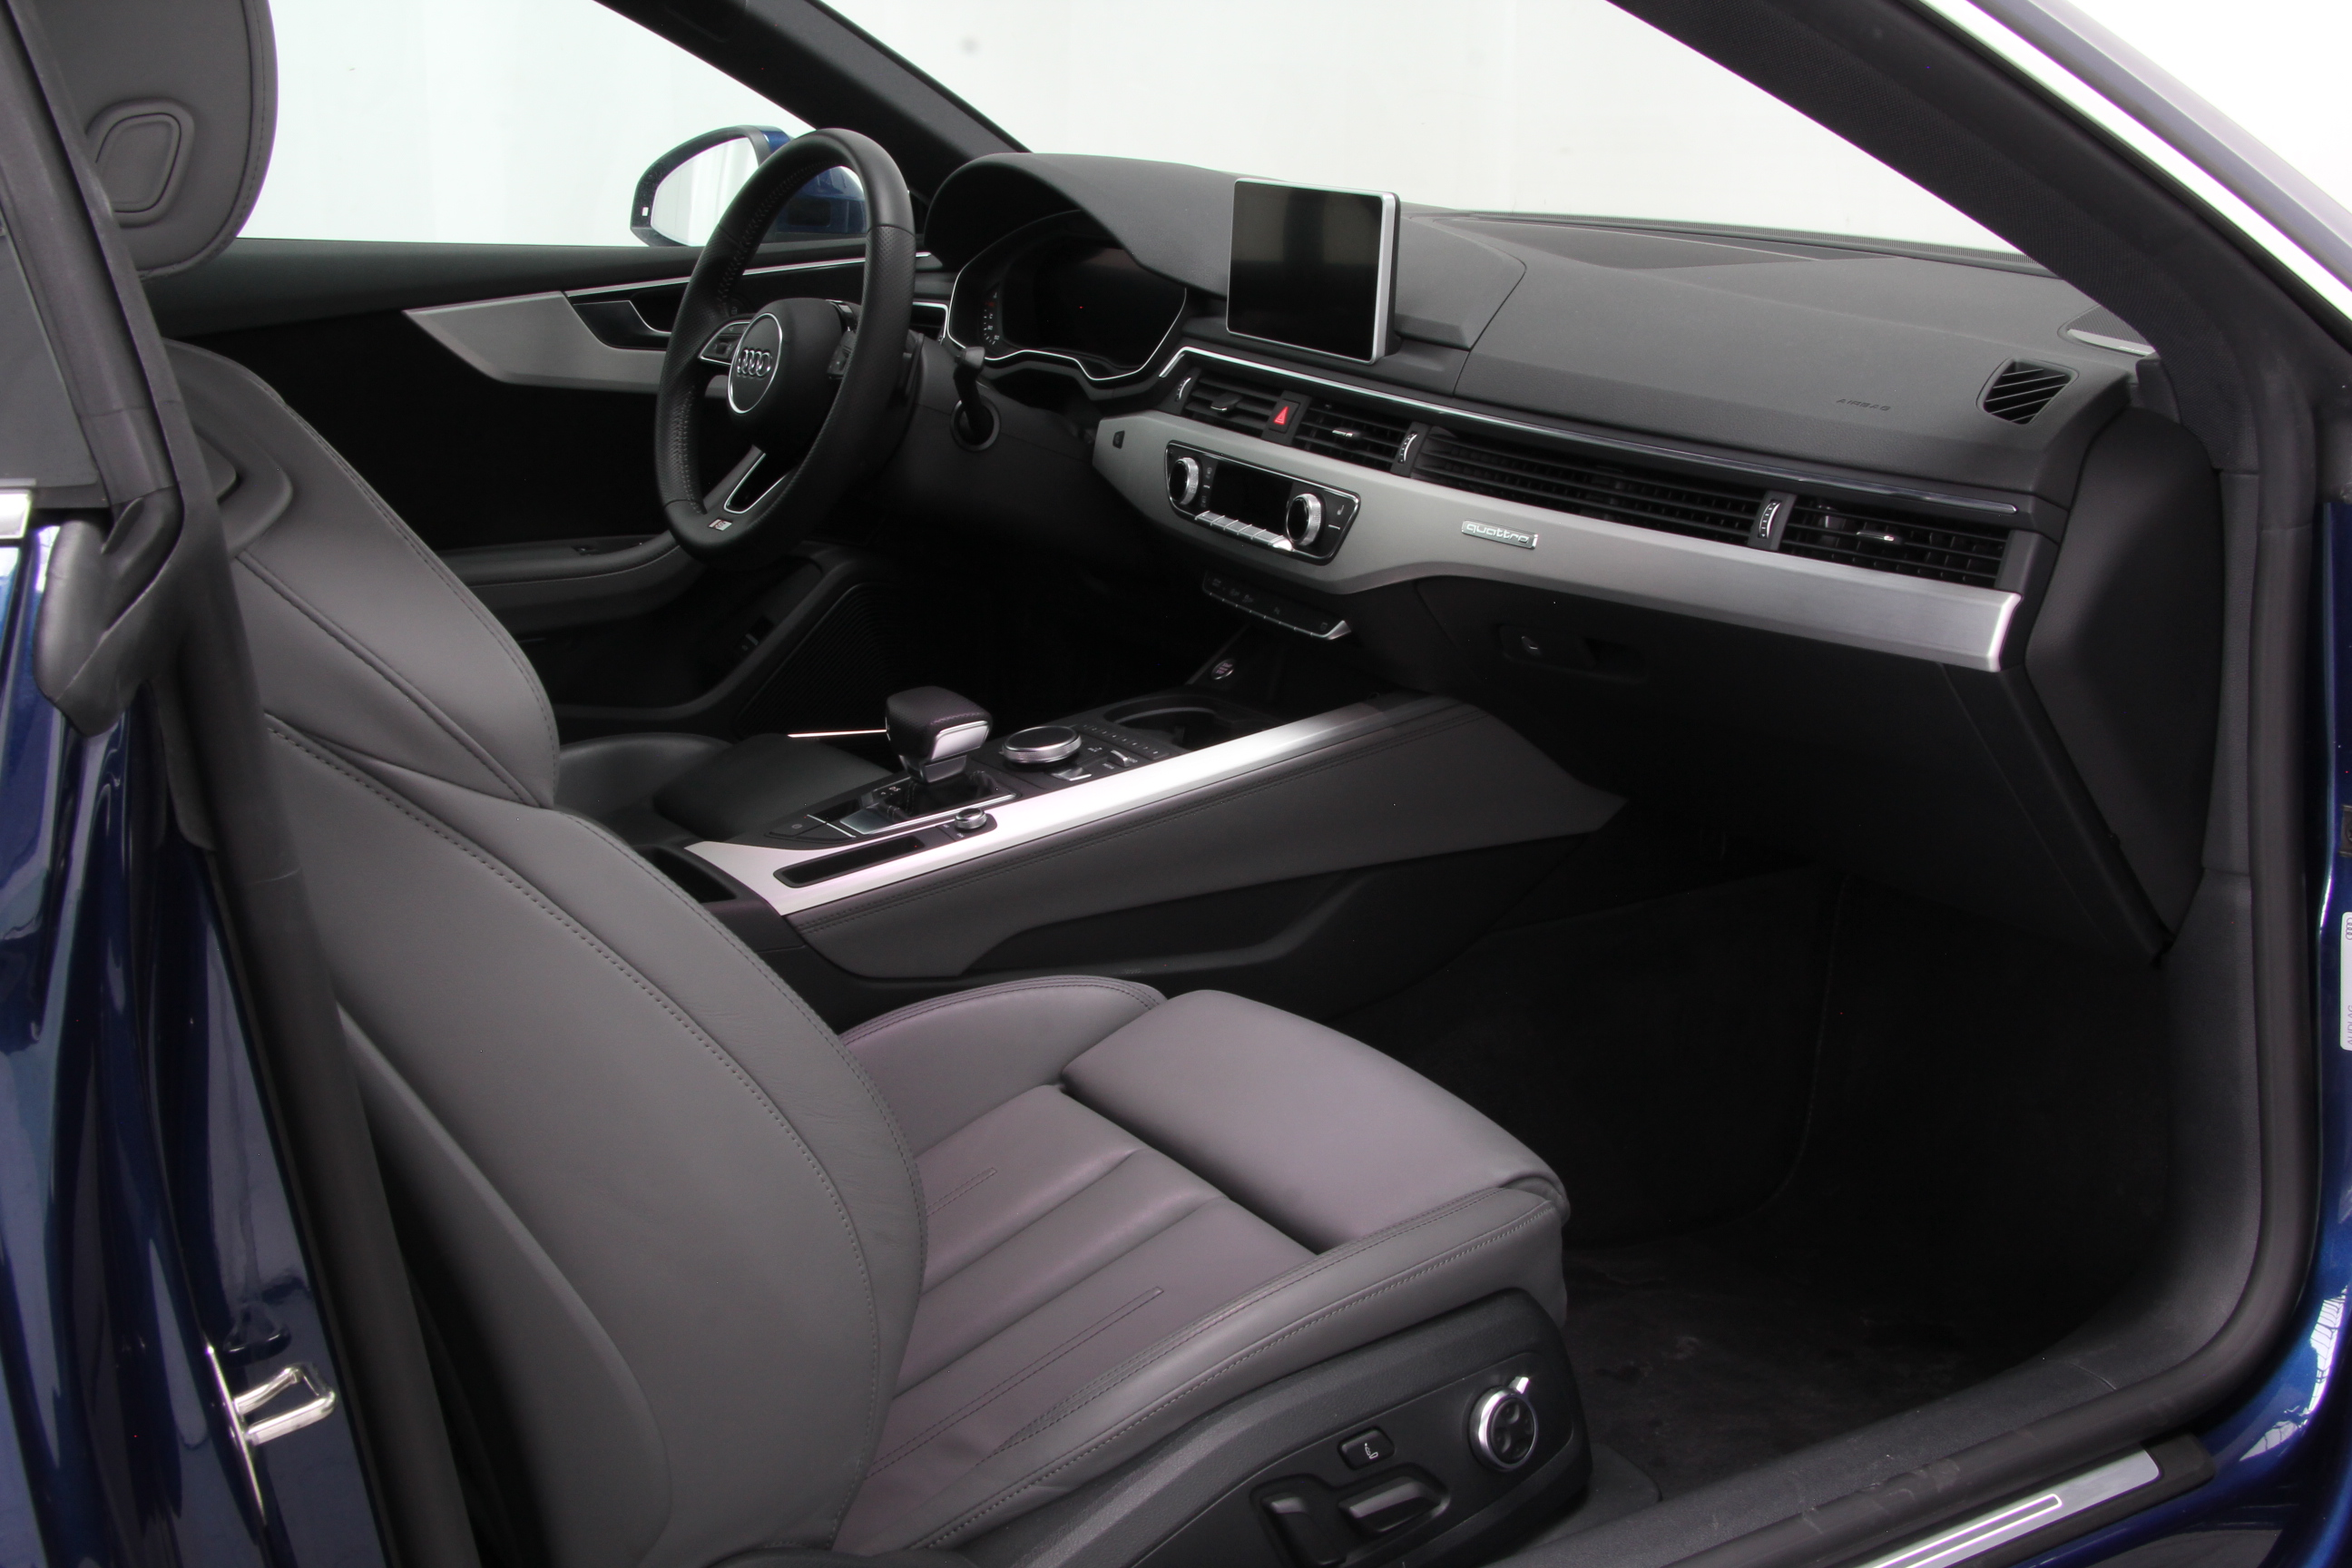 Audi A5 coupé 2.0 TFSI 252 S Tronic 7 Quattro -